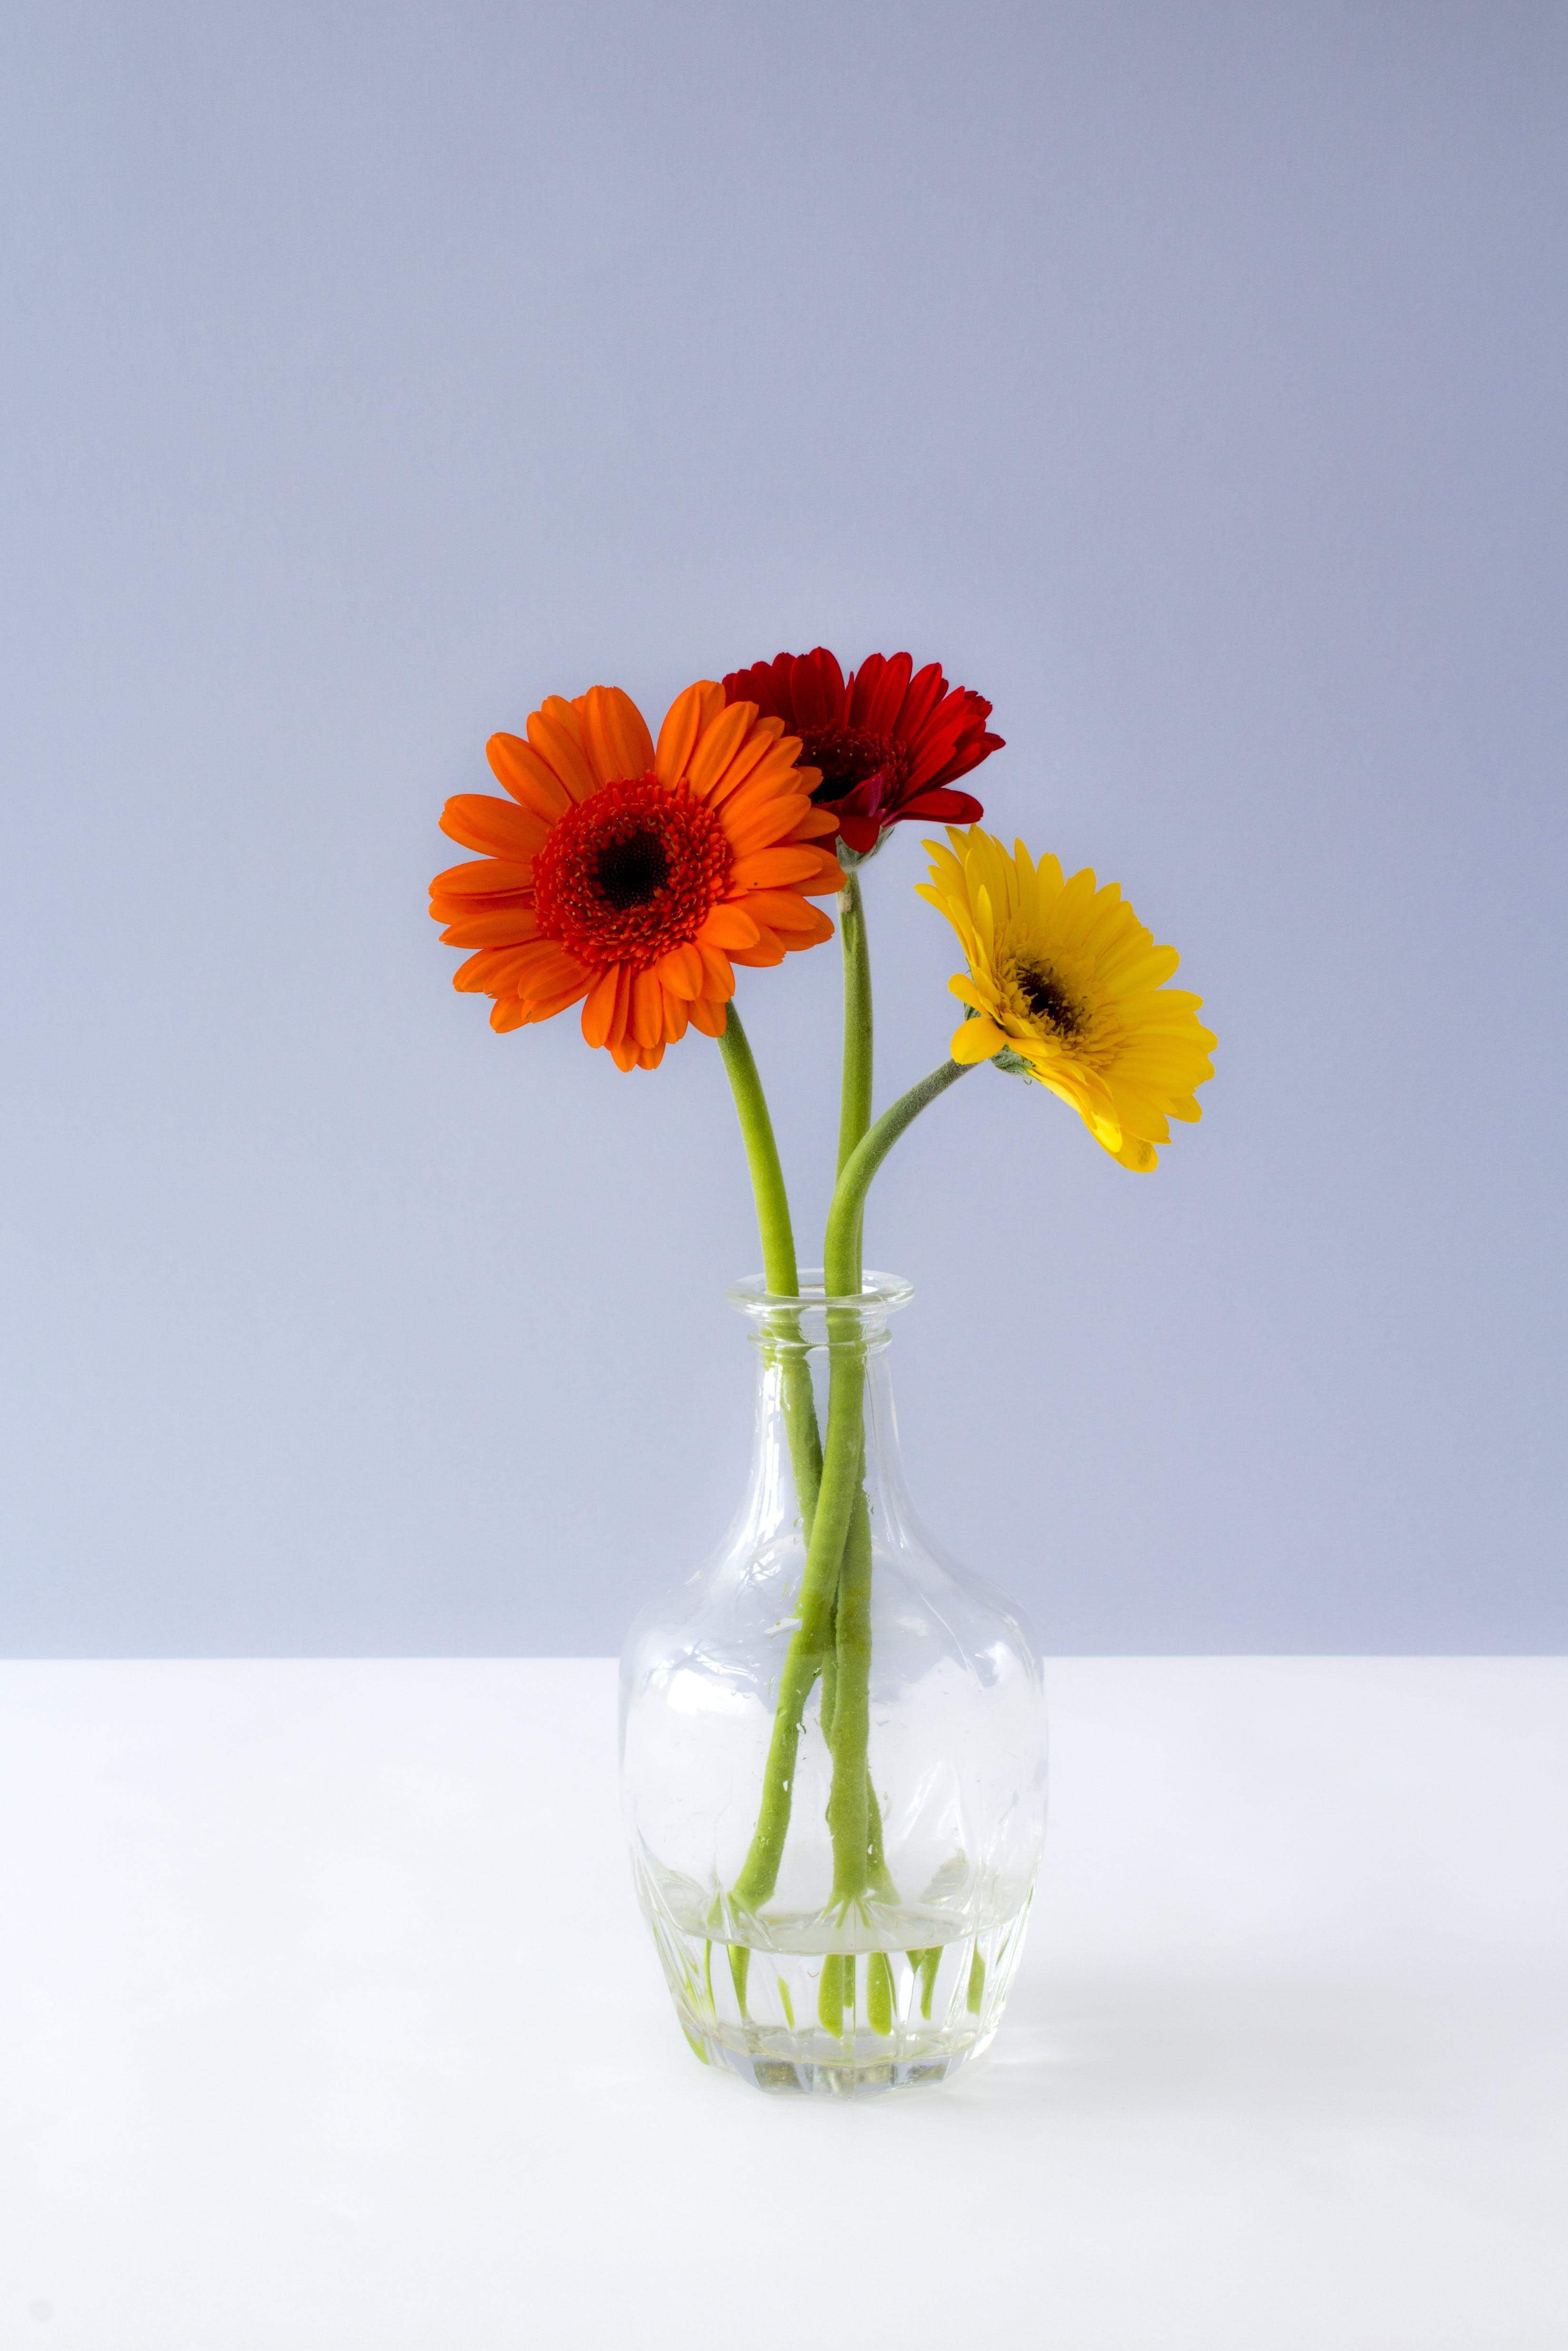 Kostenloses Stock Foto zu rot, blumen, gelb, orange